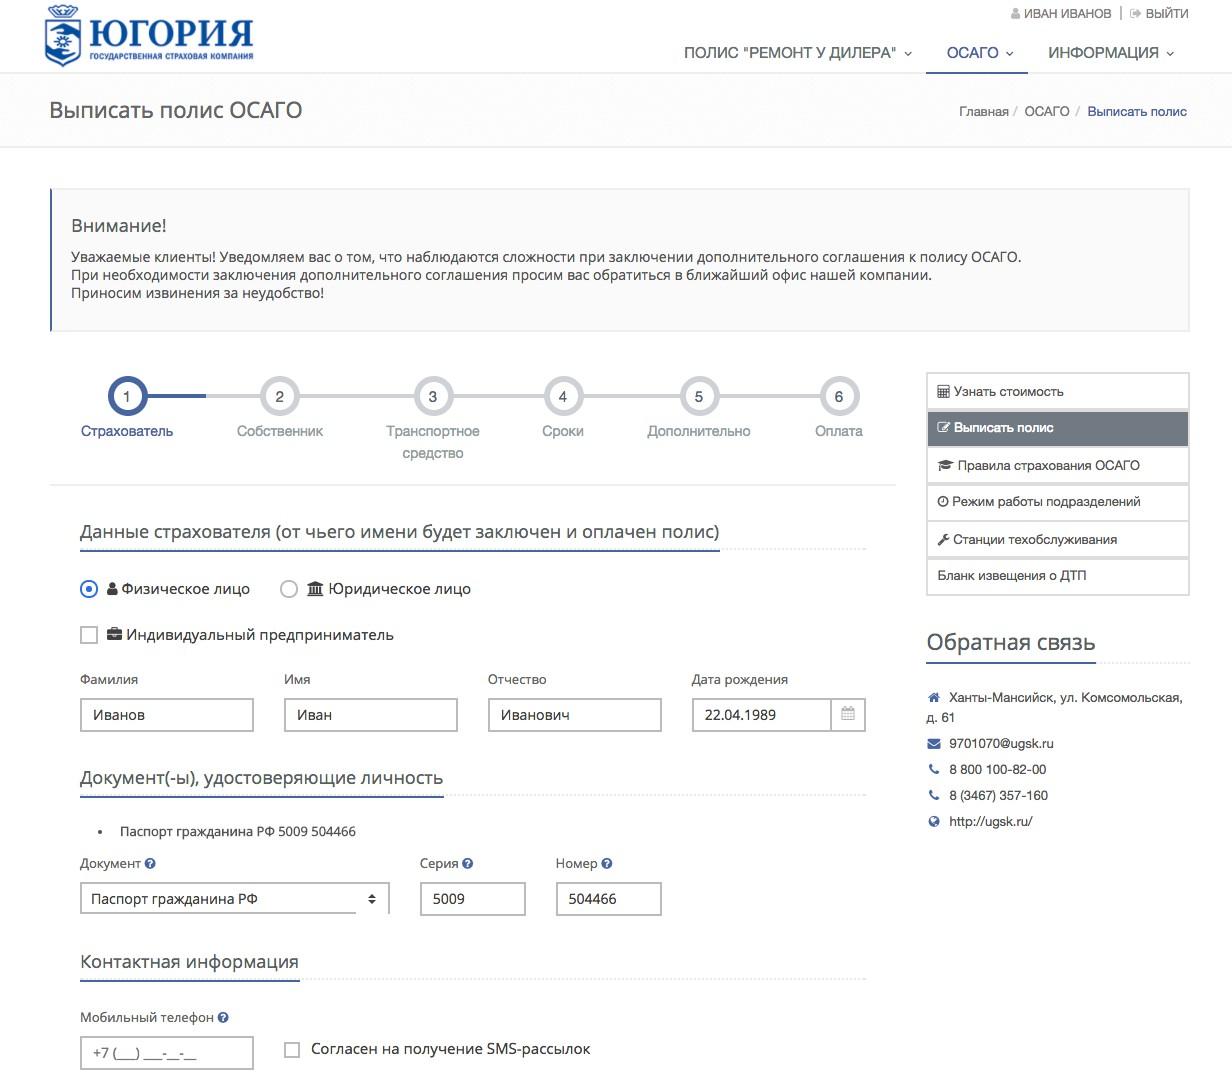 Страховая компания югория официальный сайт калькулятор военно мемориальной компании официальный сайт